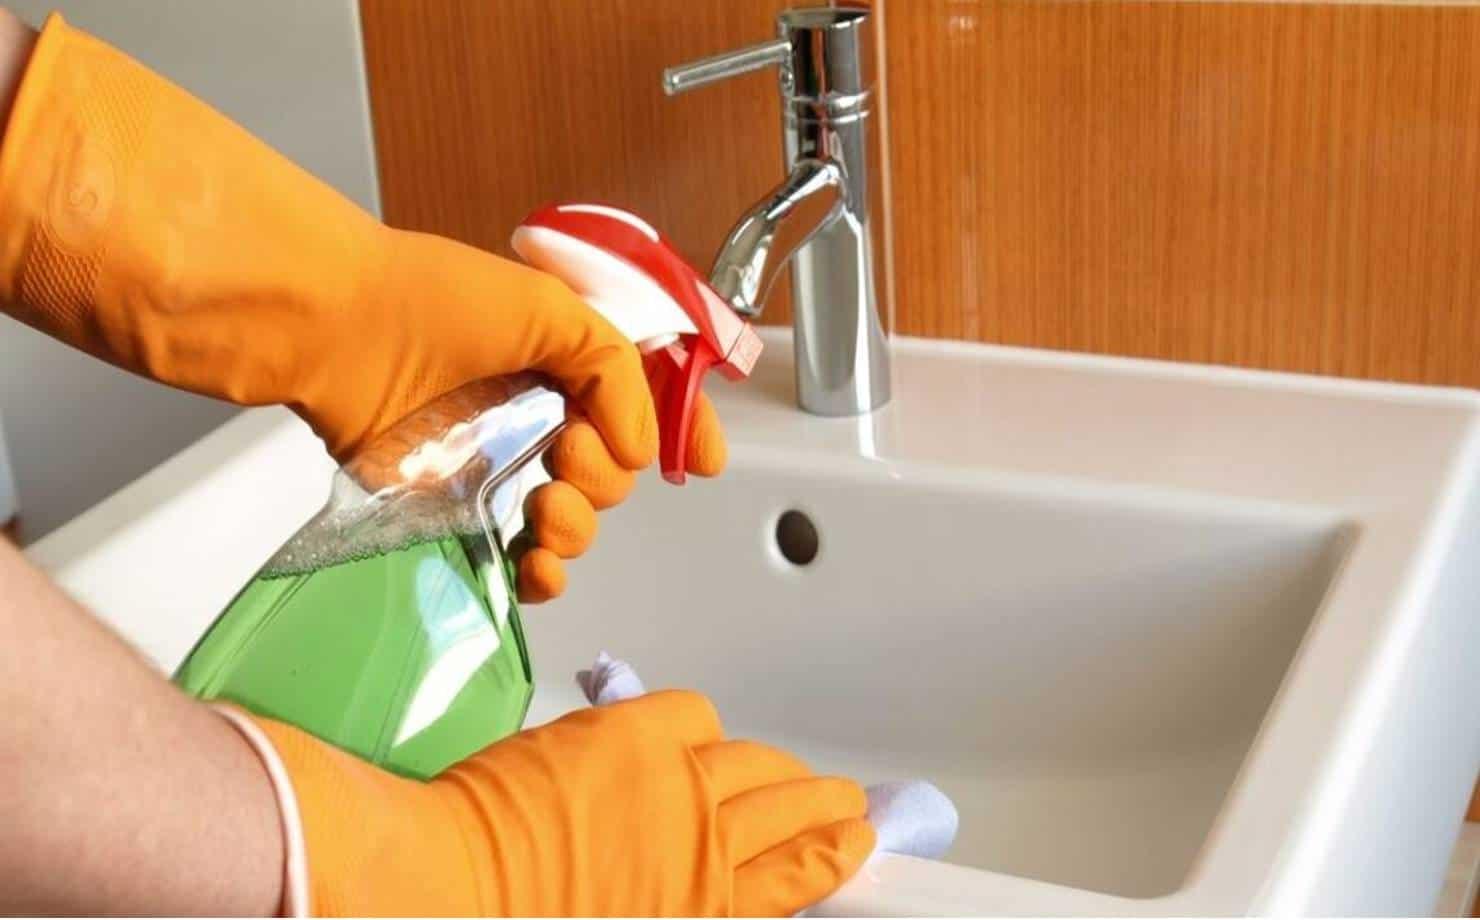 Aprenda a preparar seu próprio limpador multiuso